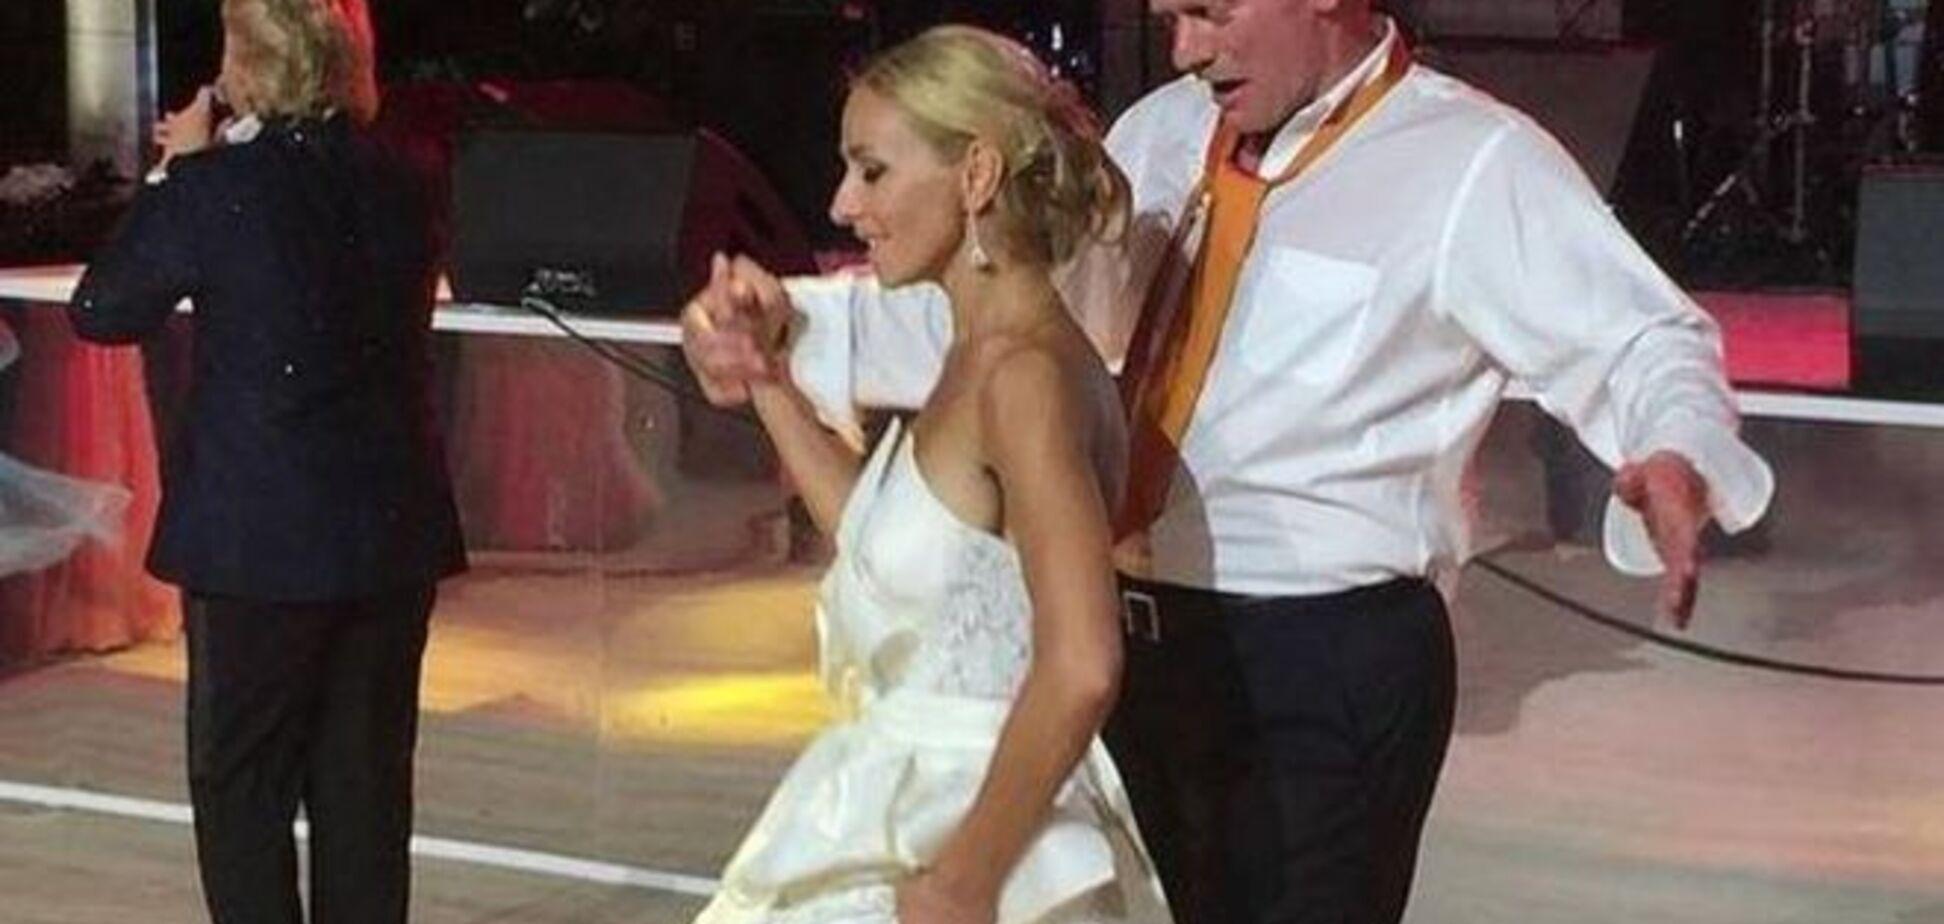 Красные носки и вьетнамки. Песков и Навка задали новый тренд в свадебной моде: фотофакт